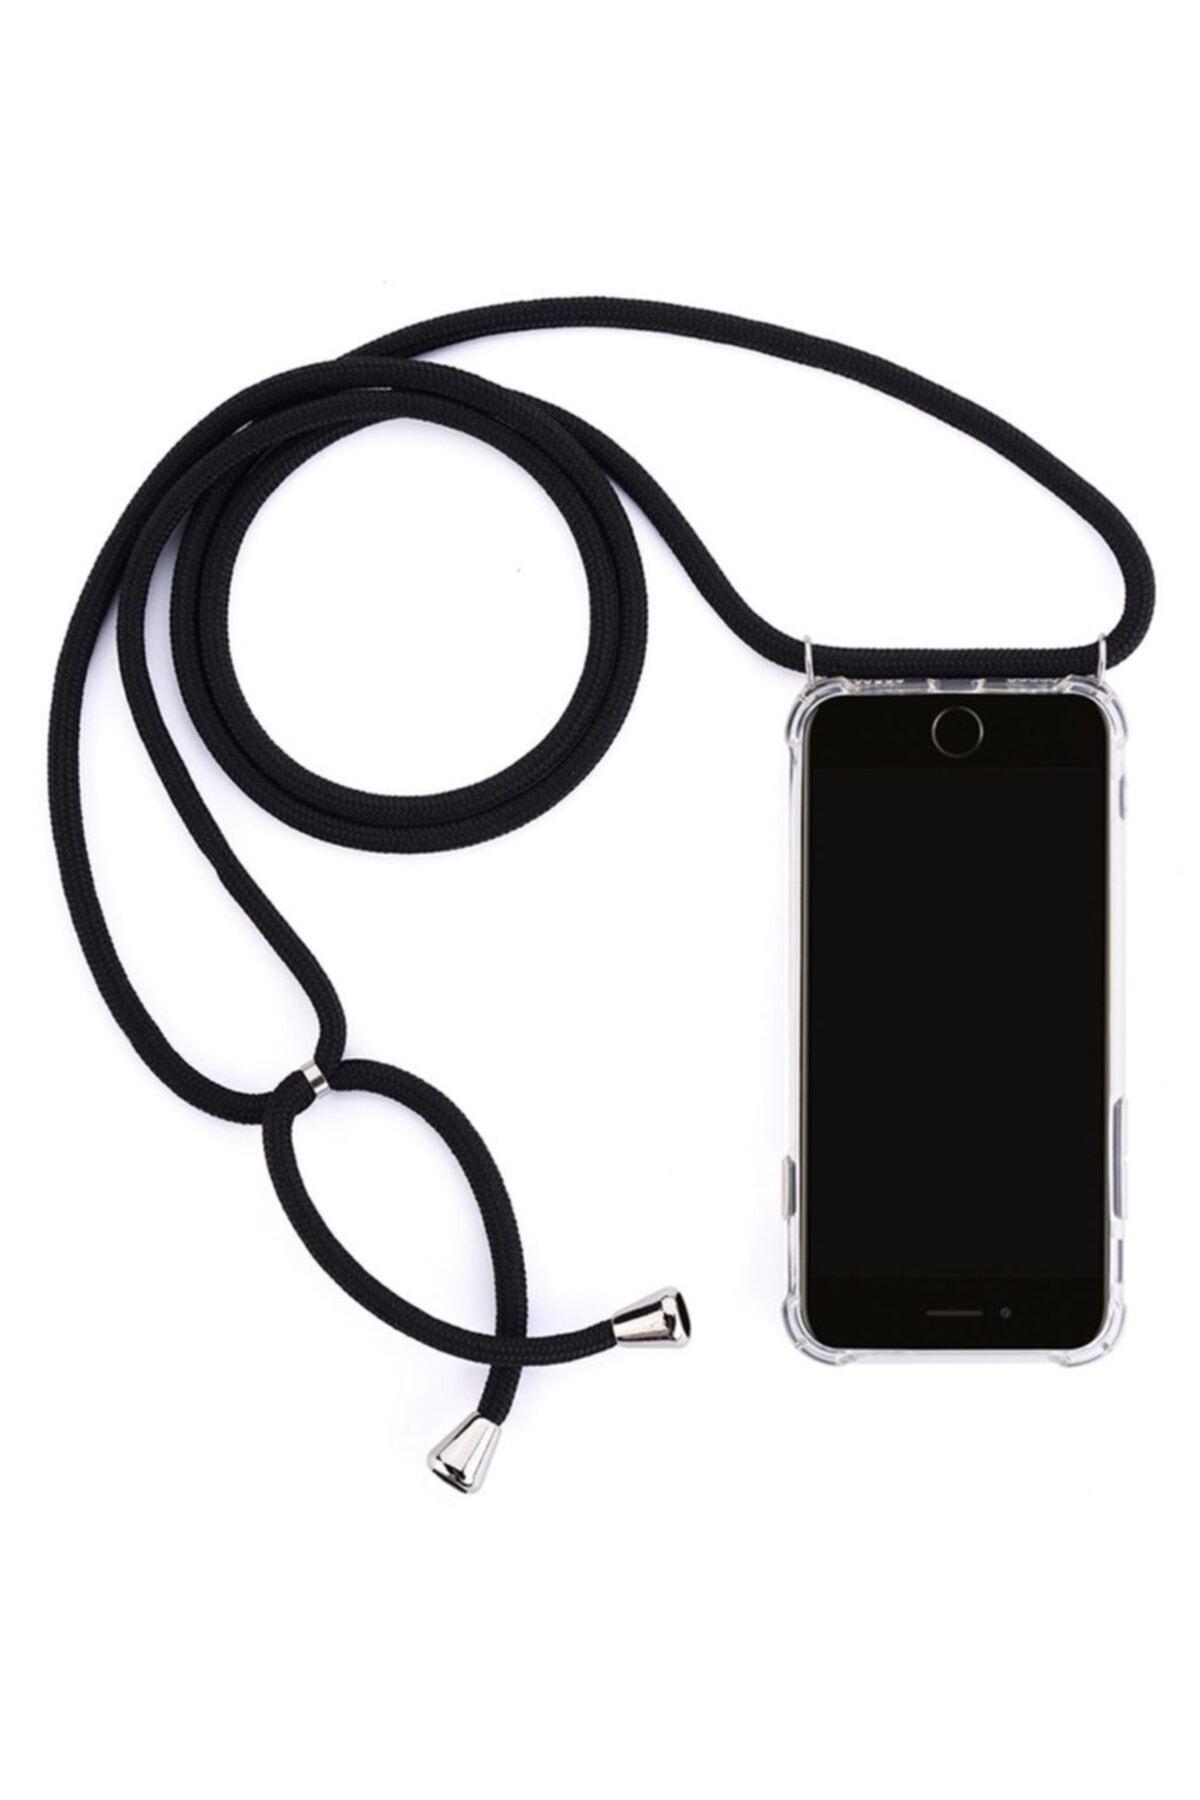 Iphone 6s Plus Için Boyun Askılı Şeffaf Çok Şık Kılıf Siyah Ipli